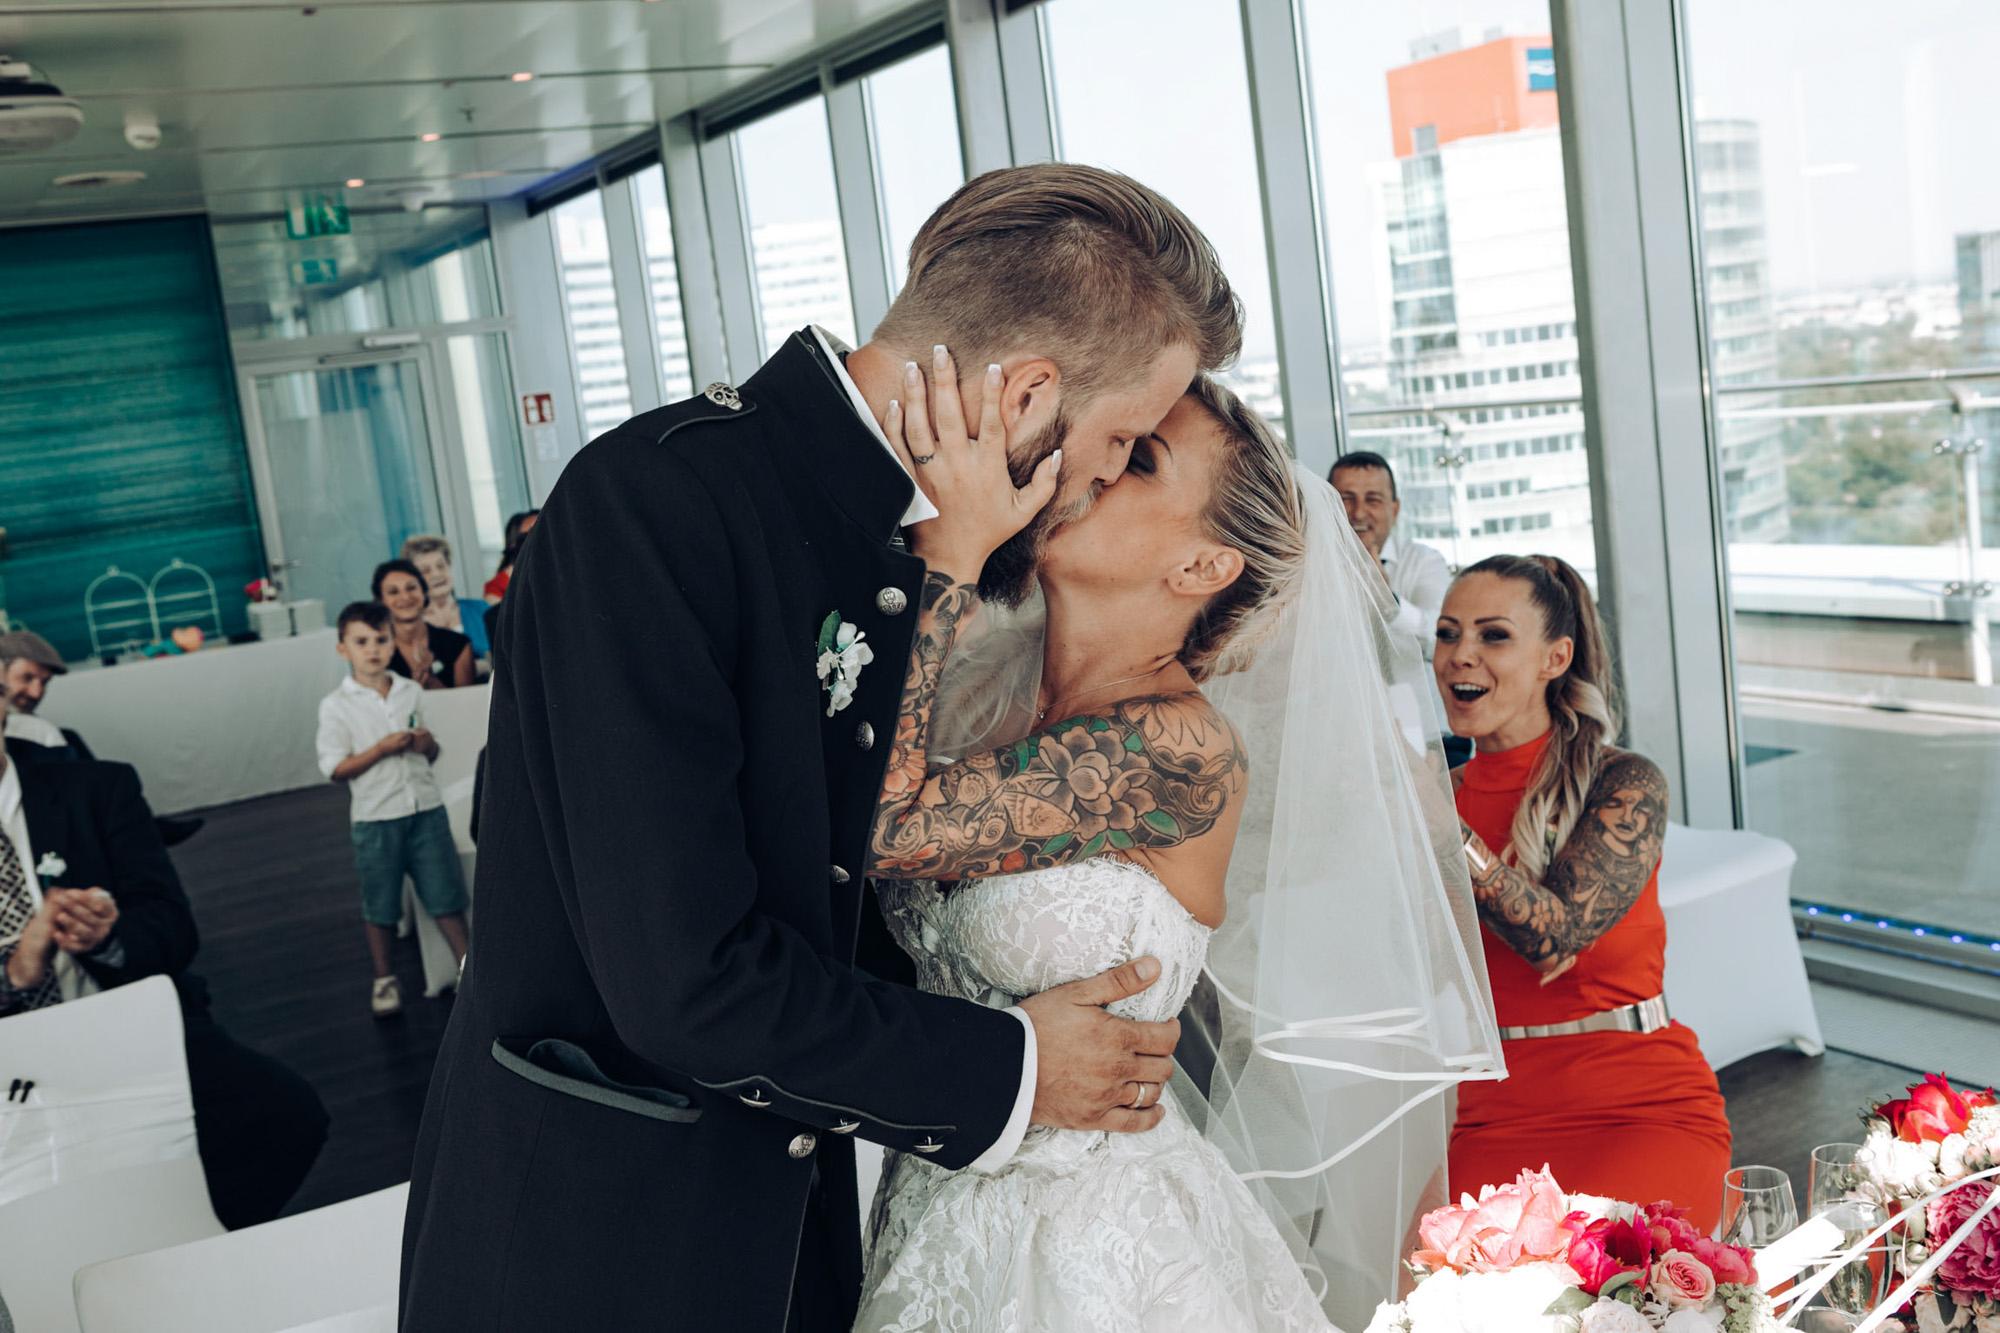 Hochzeitsfotografie Trauung mit Braut & Bräutigam